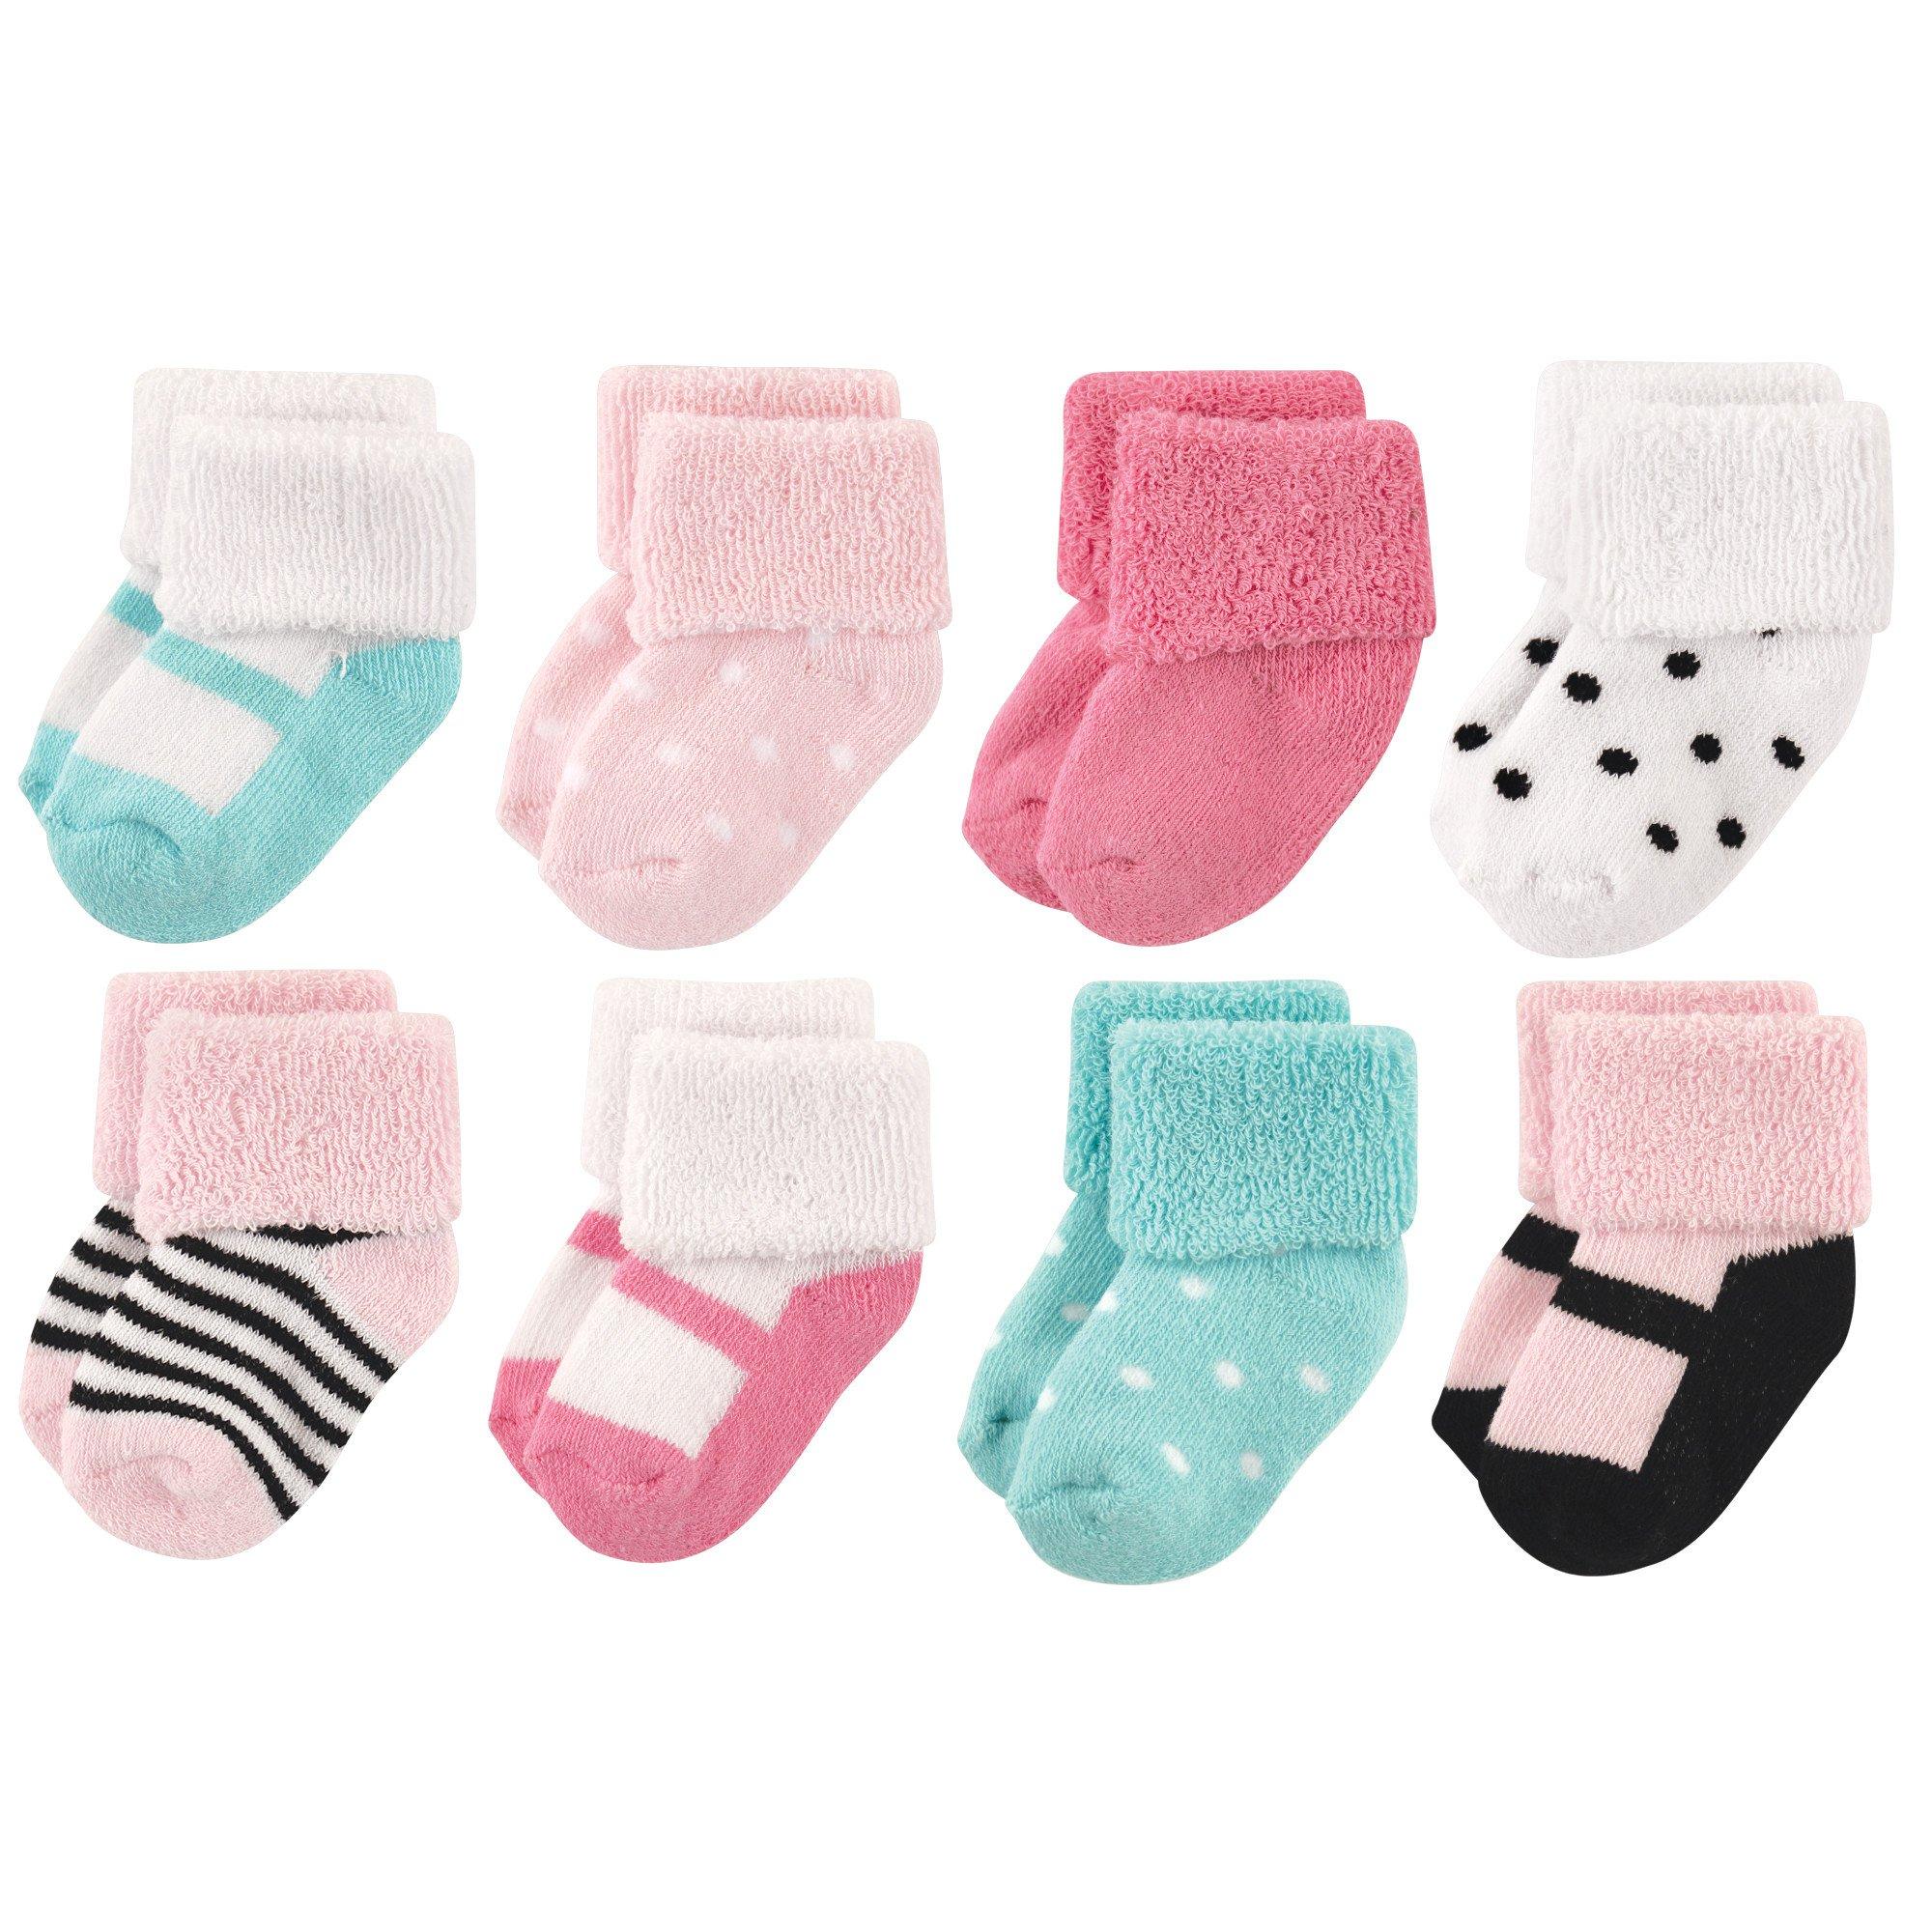 Luvable Friends Unisex Baby Socks, Mint Pink Stripe